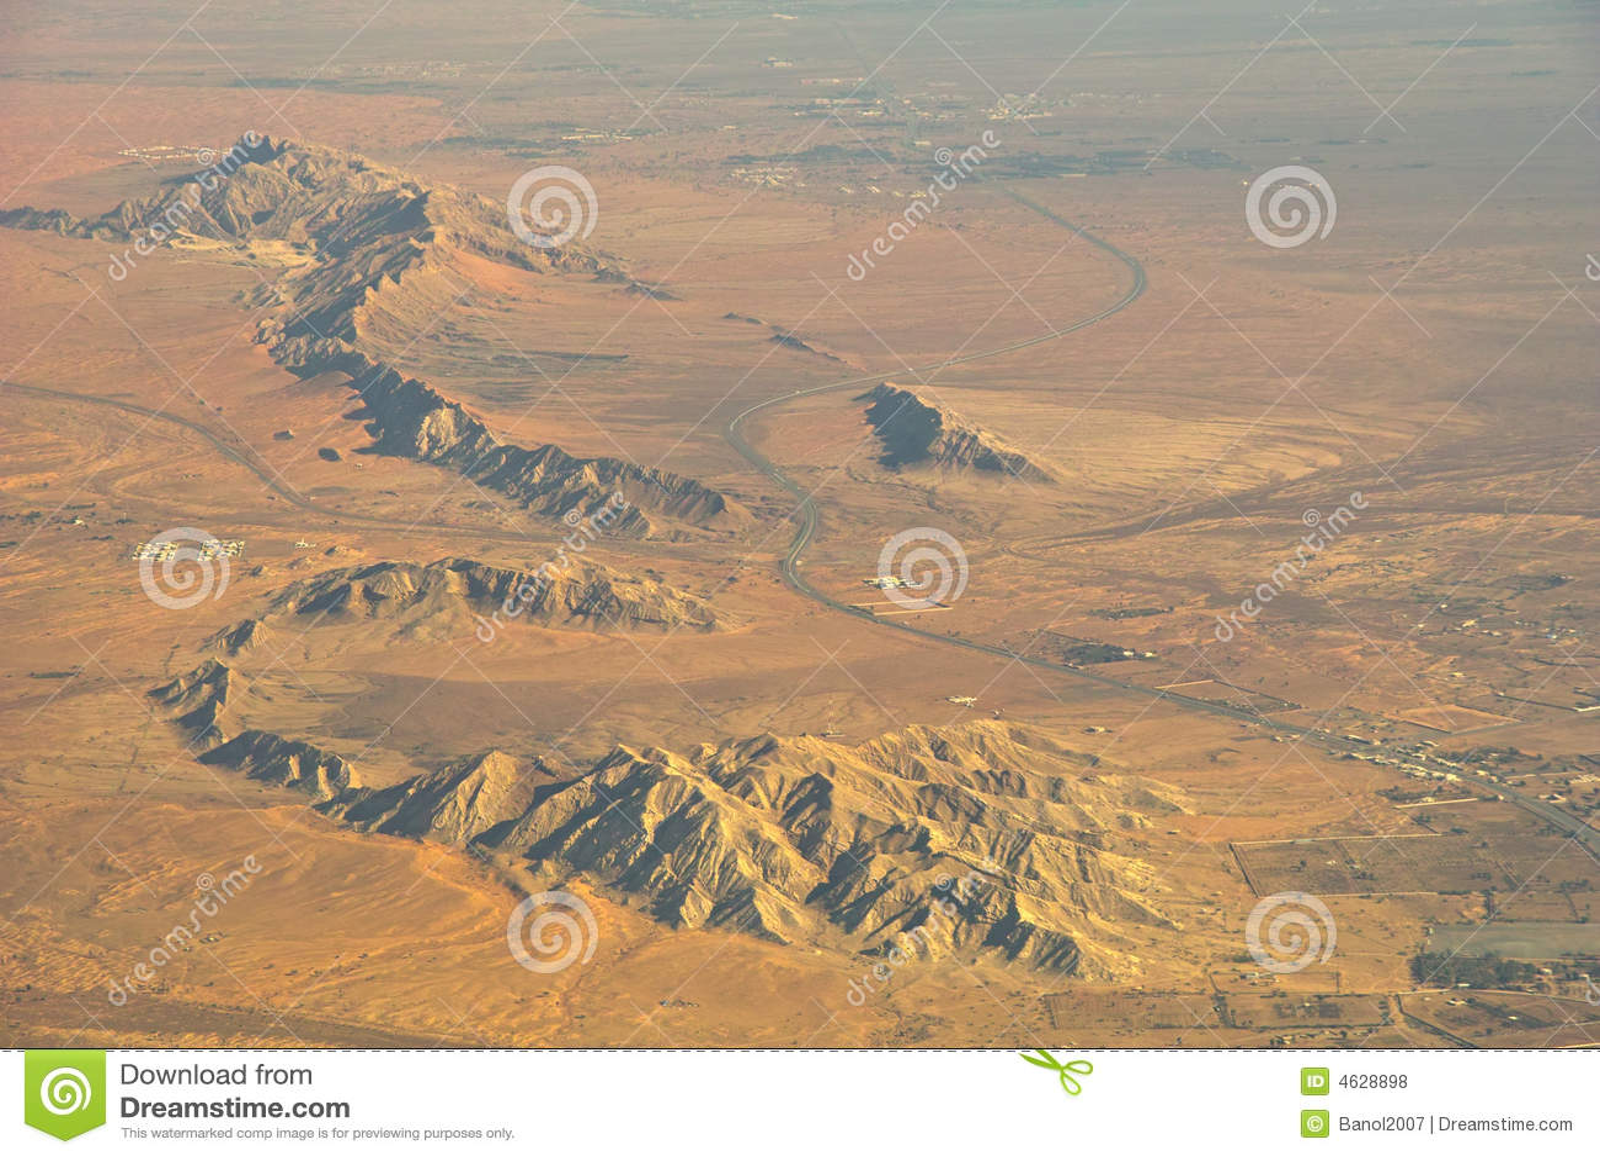 Estabelecimento do deserto das montanhas.